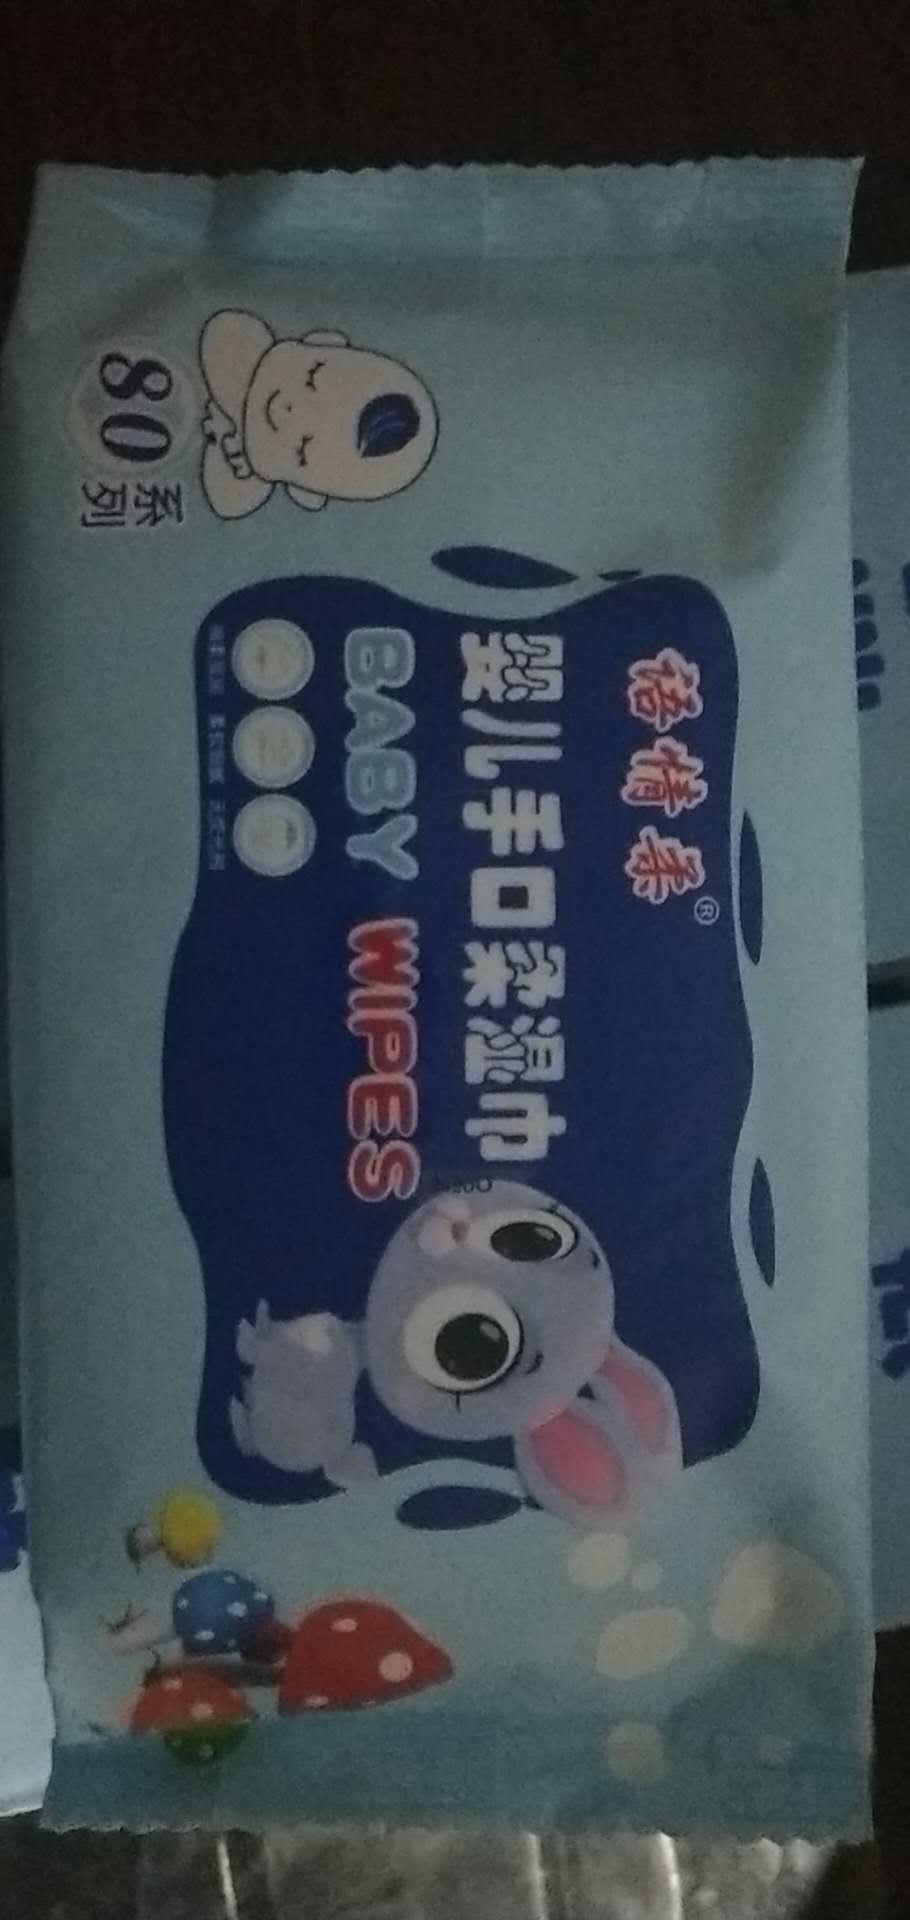 婴儿湿巾,网络爆款!价格6.X元一箱10包。